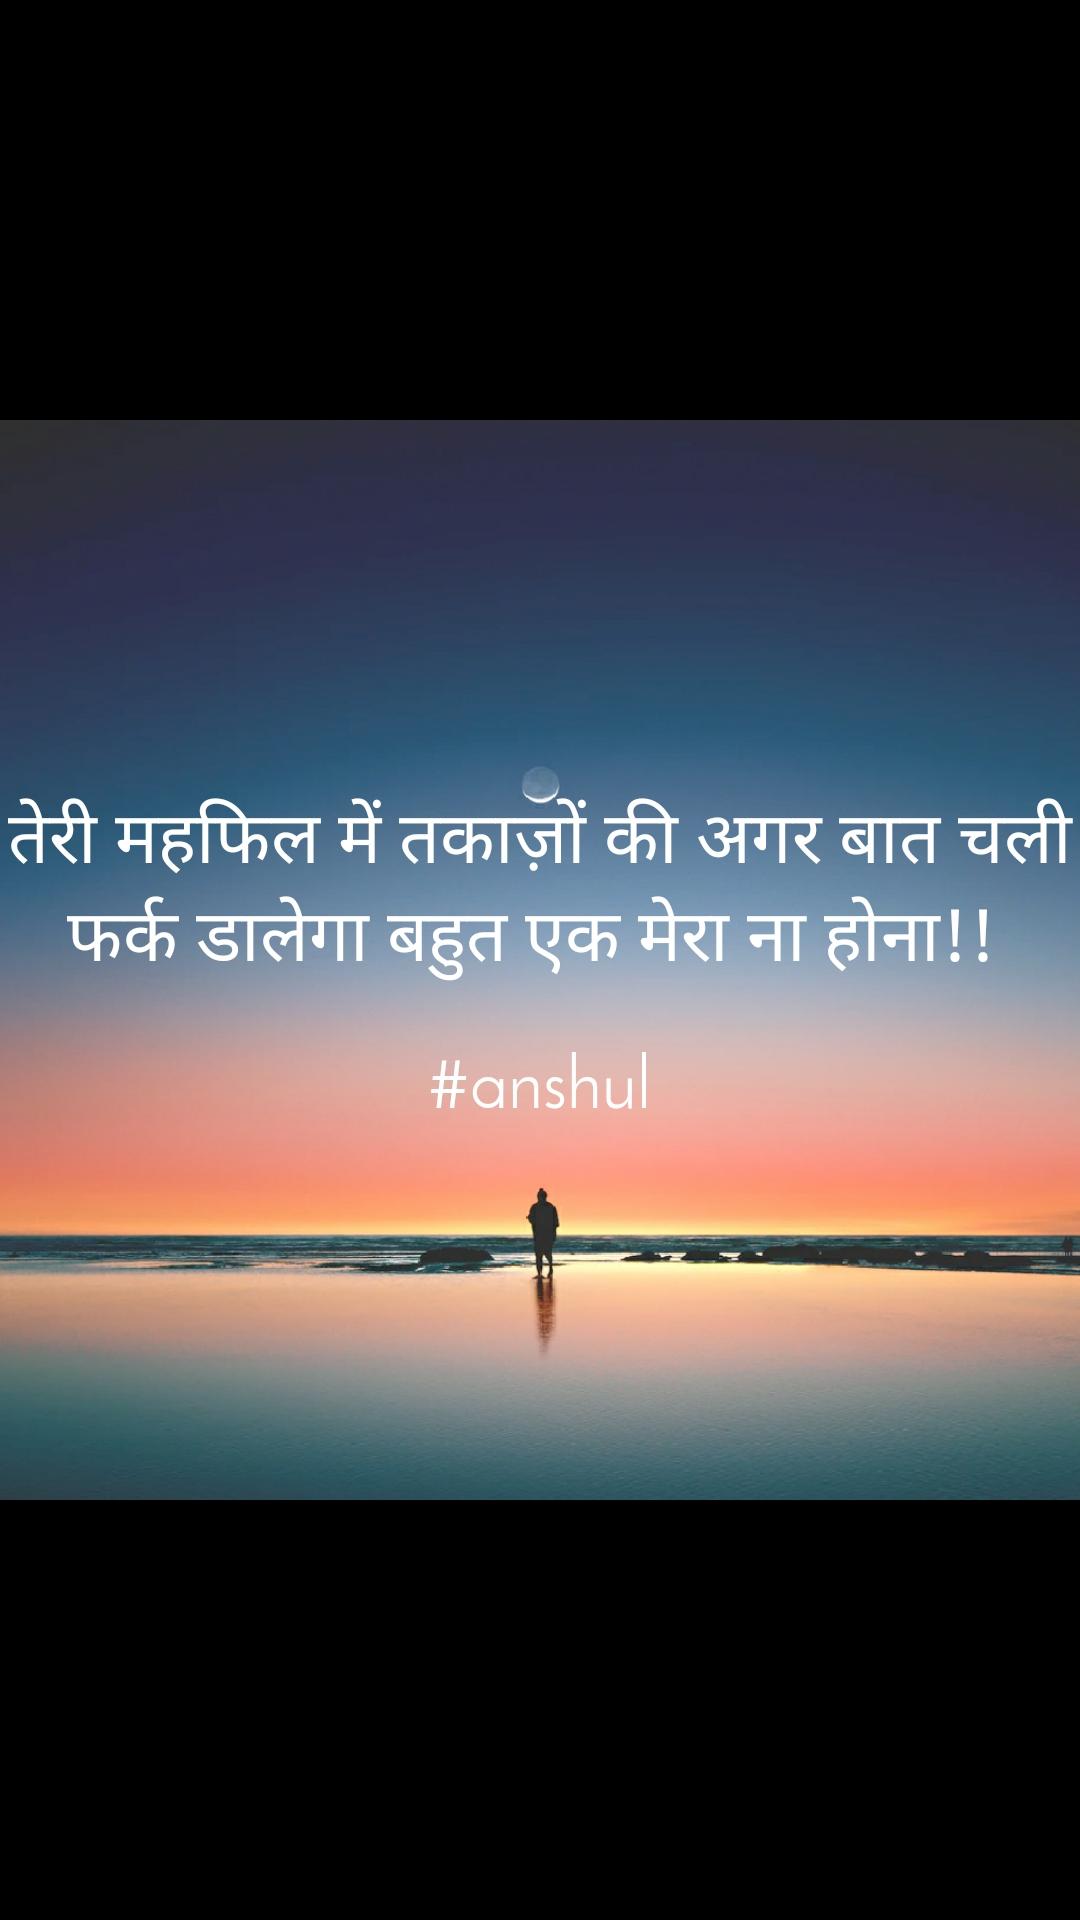 तेरी महफिल में तकाज़ों की अगर बात चली फर्क डालेगा बहुत एक मेरा ना होना!!   #anshul